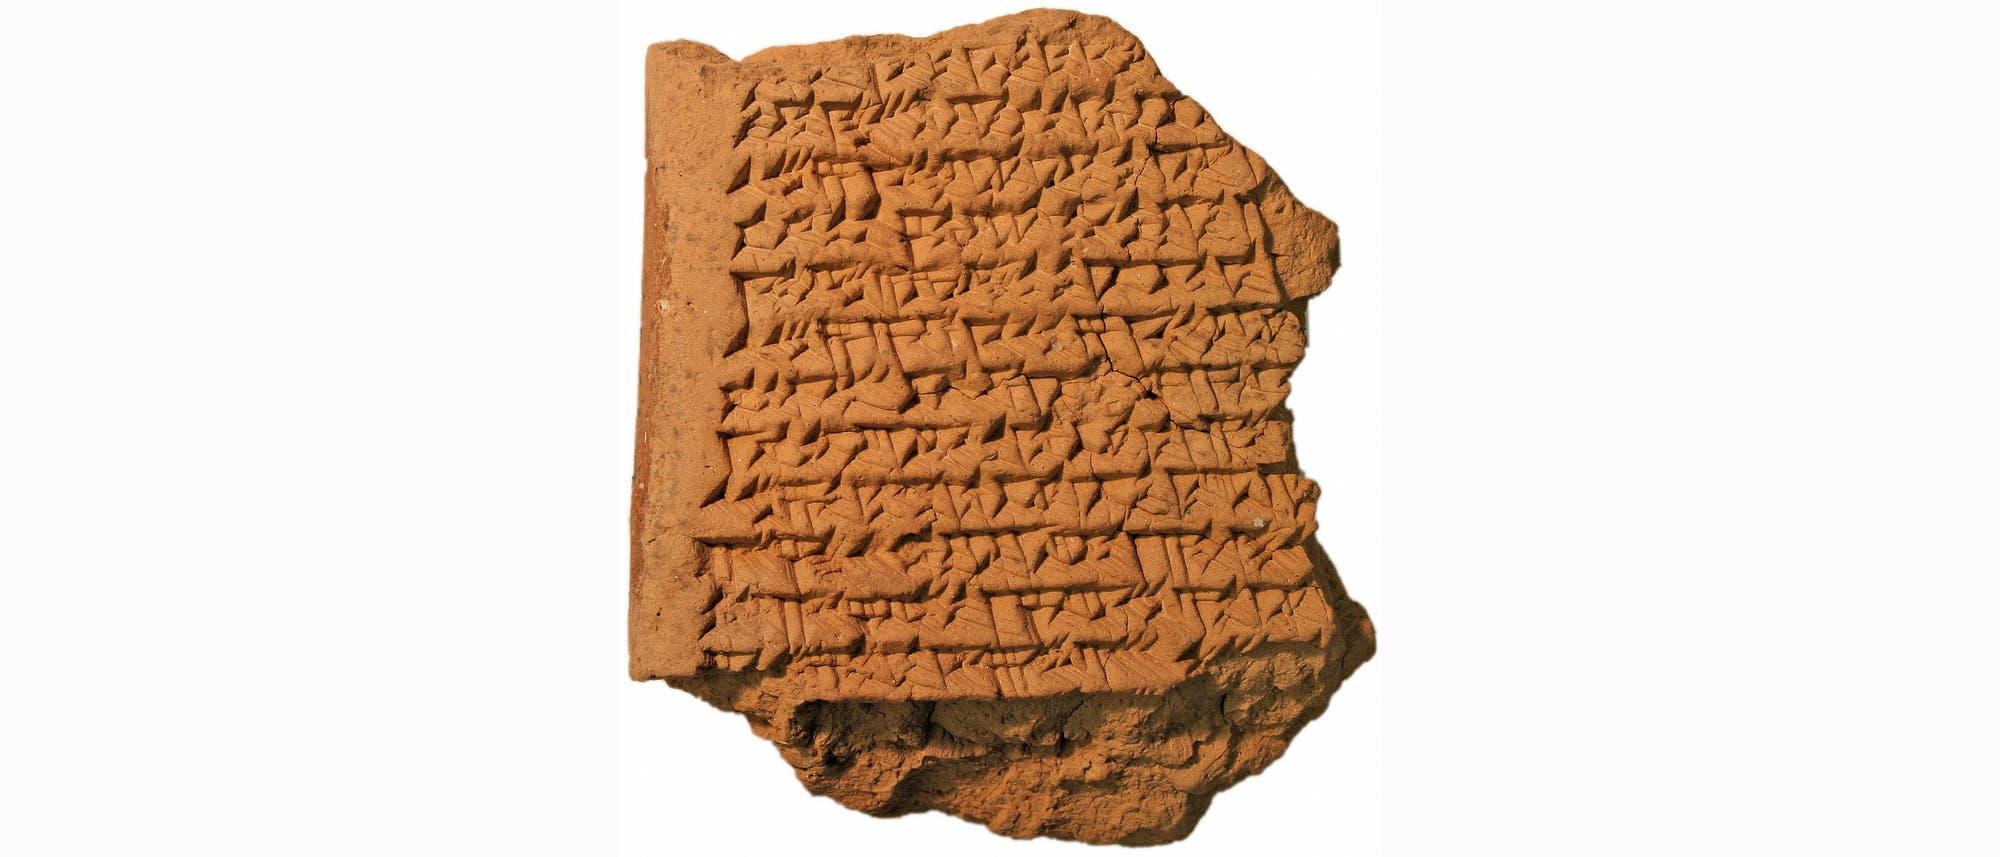 Babylonische Tontafel mit Berechnung des von Jupiter zurückgelegten Weges als Fläche einer Trapezfigur.